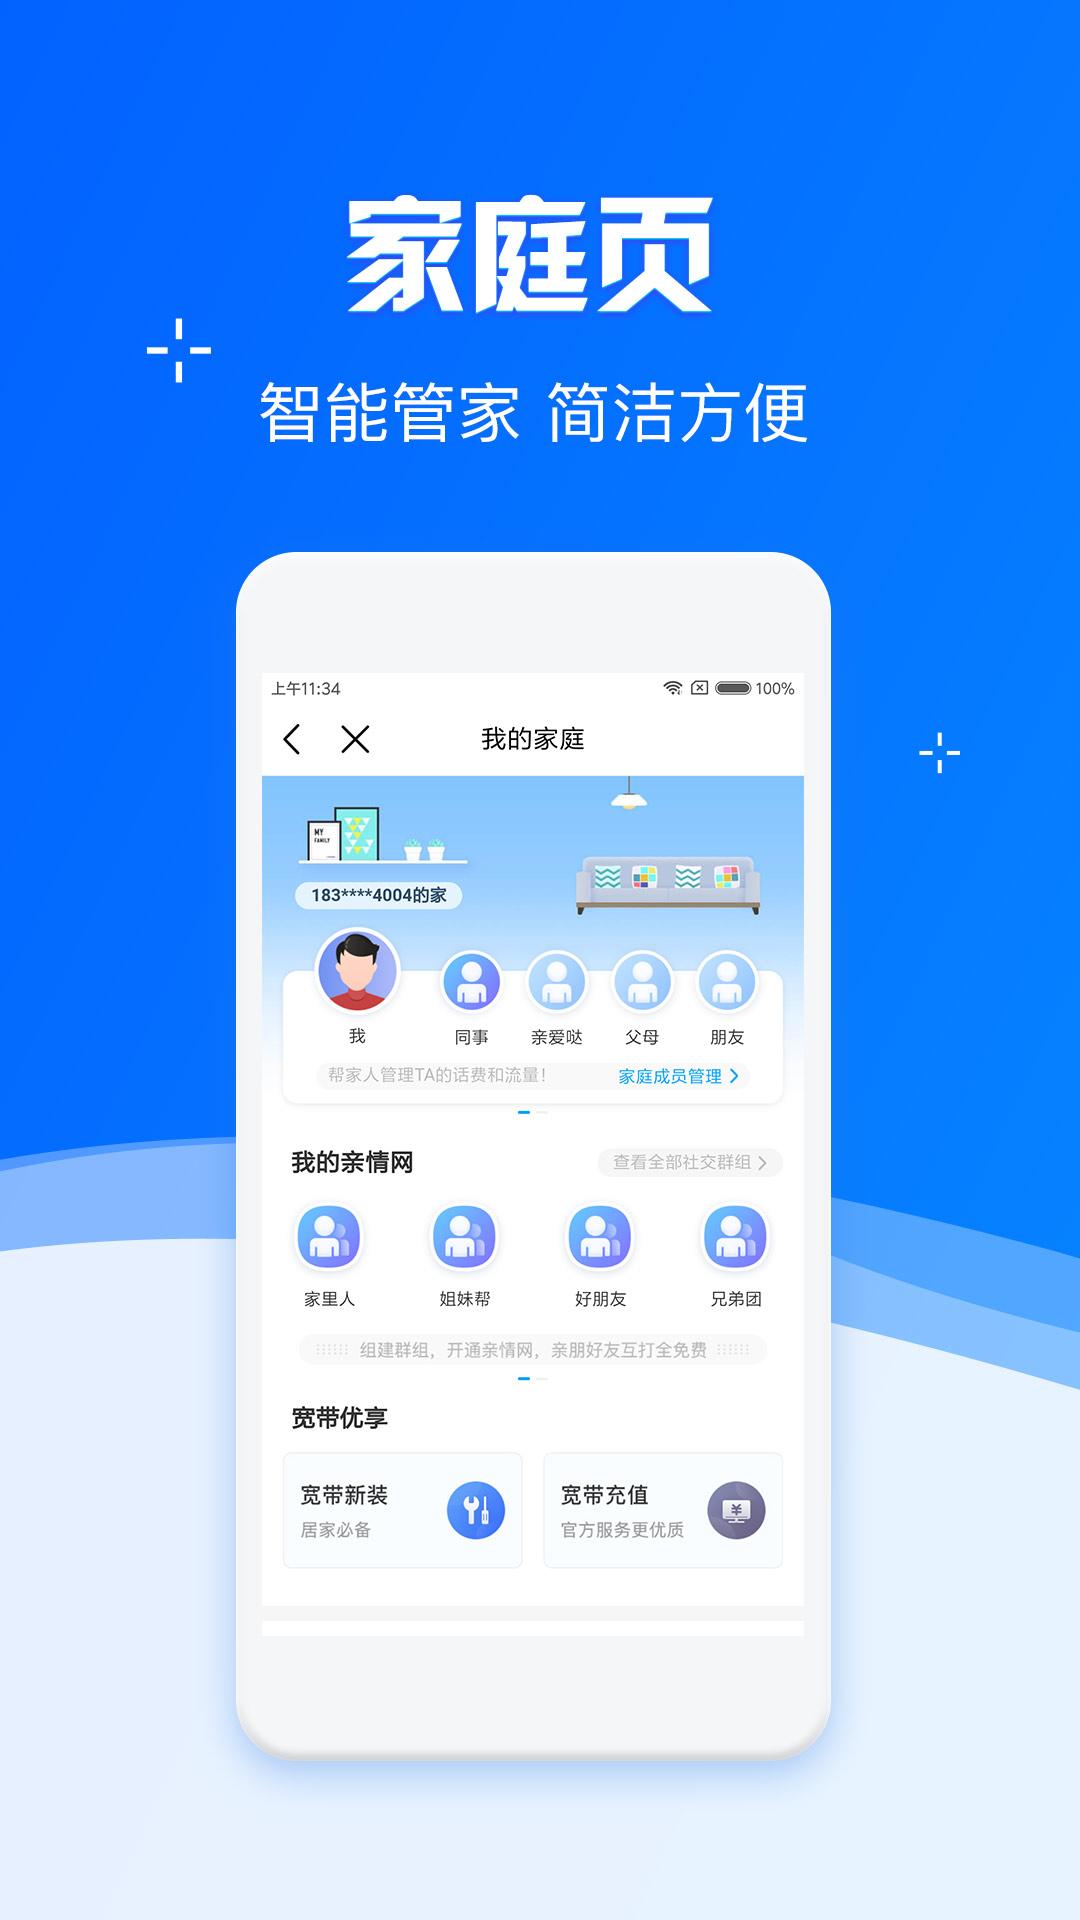 中国移动手机营业厅 V6.1.0 安卓版截图2